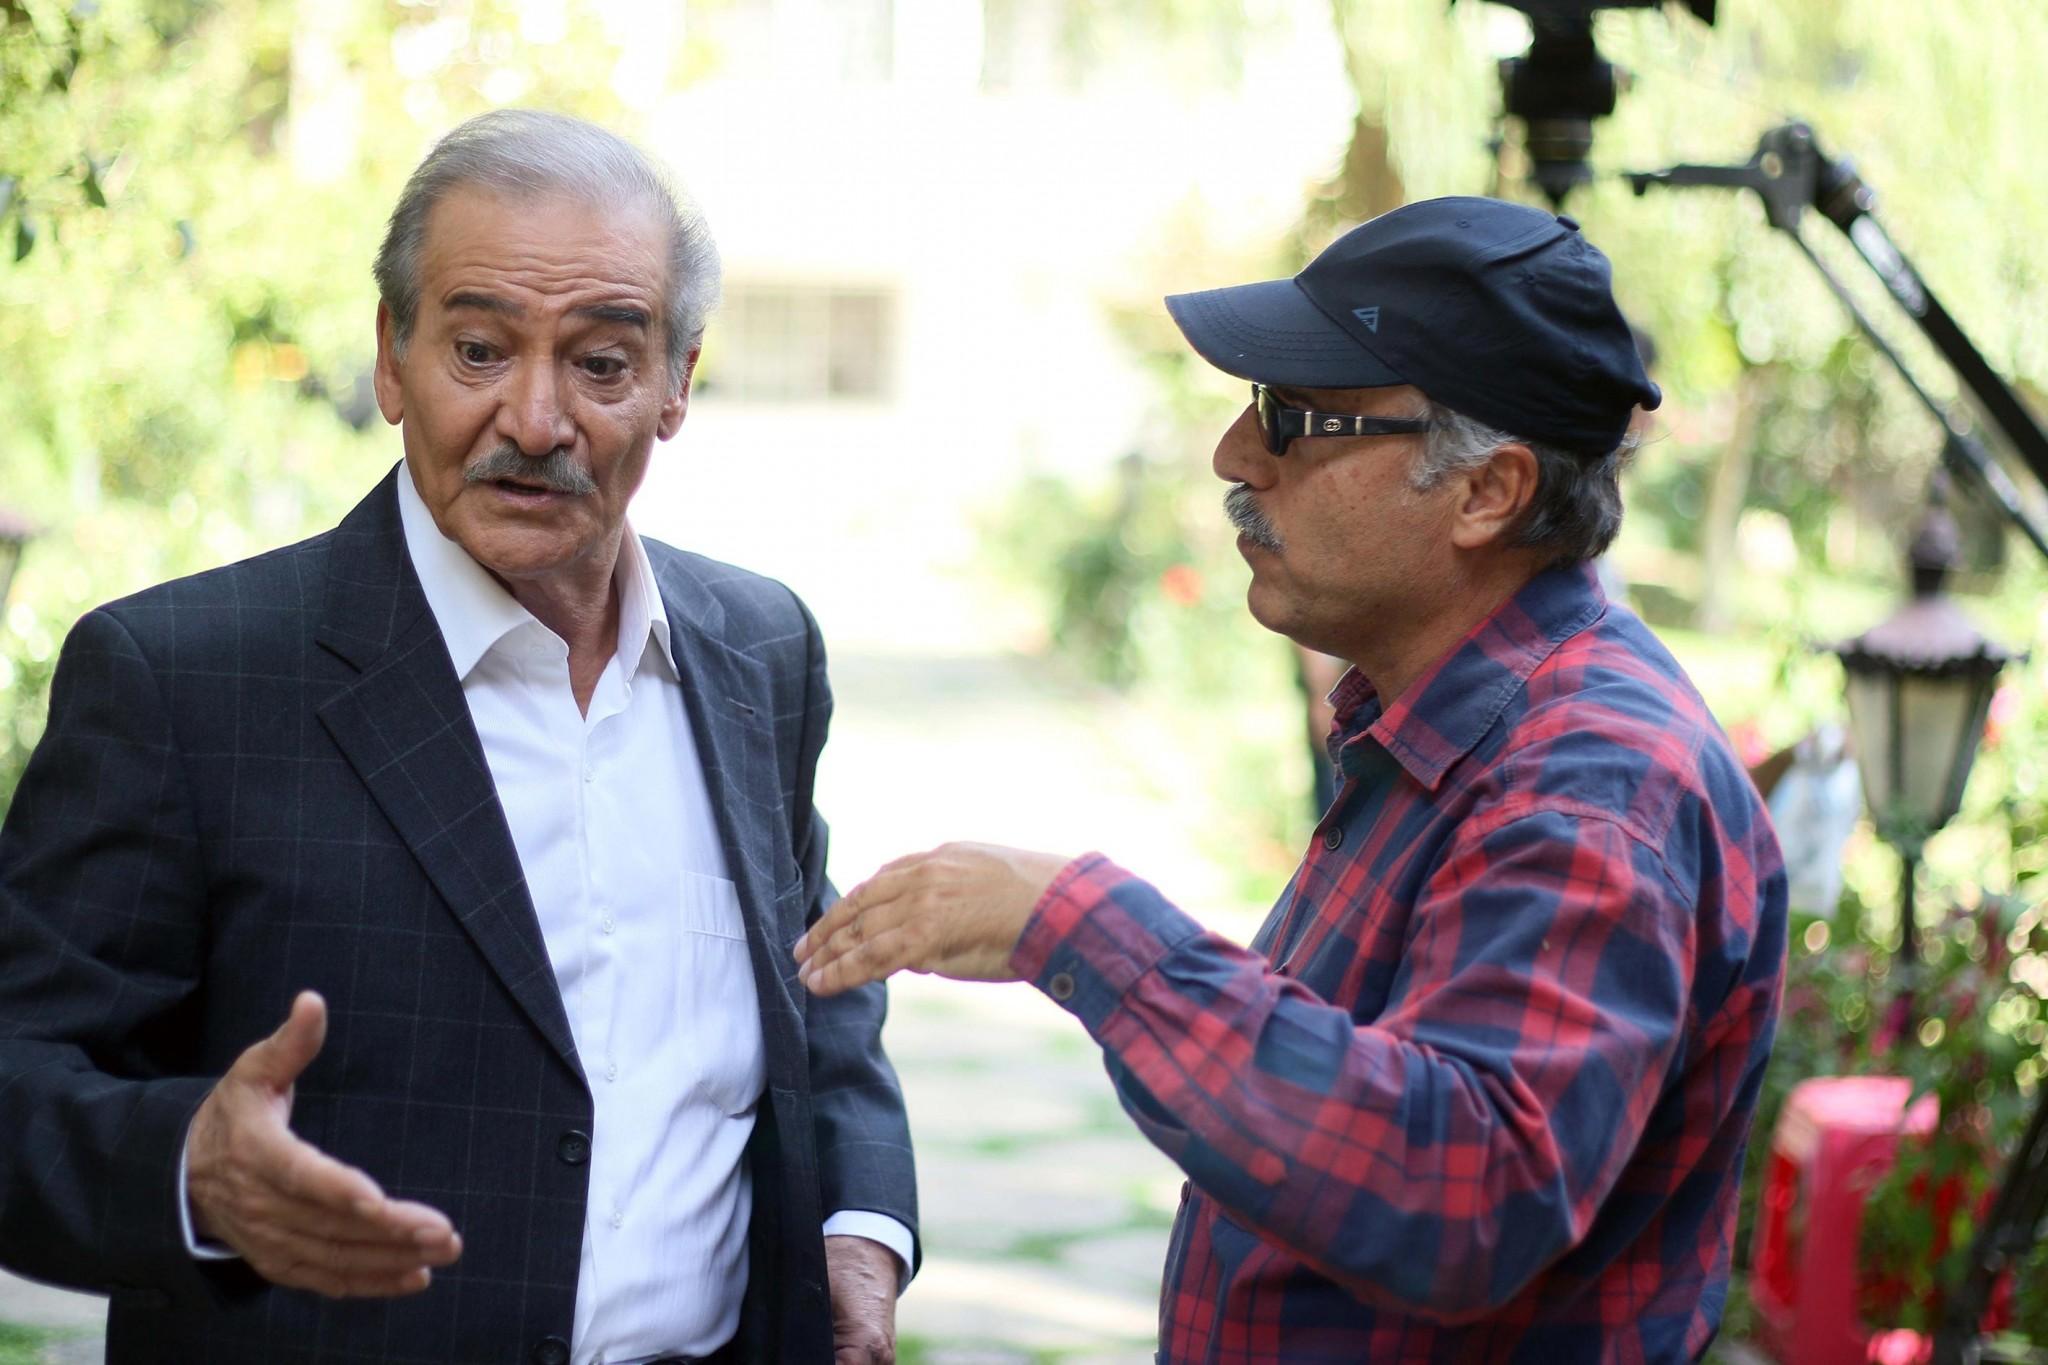 جواد ارشاد در پشت صحنه سریال تلویزیونی دوردستها به همراه سیامک اطلسی